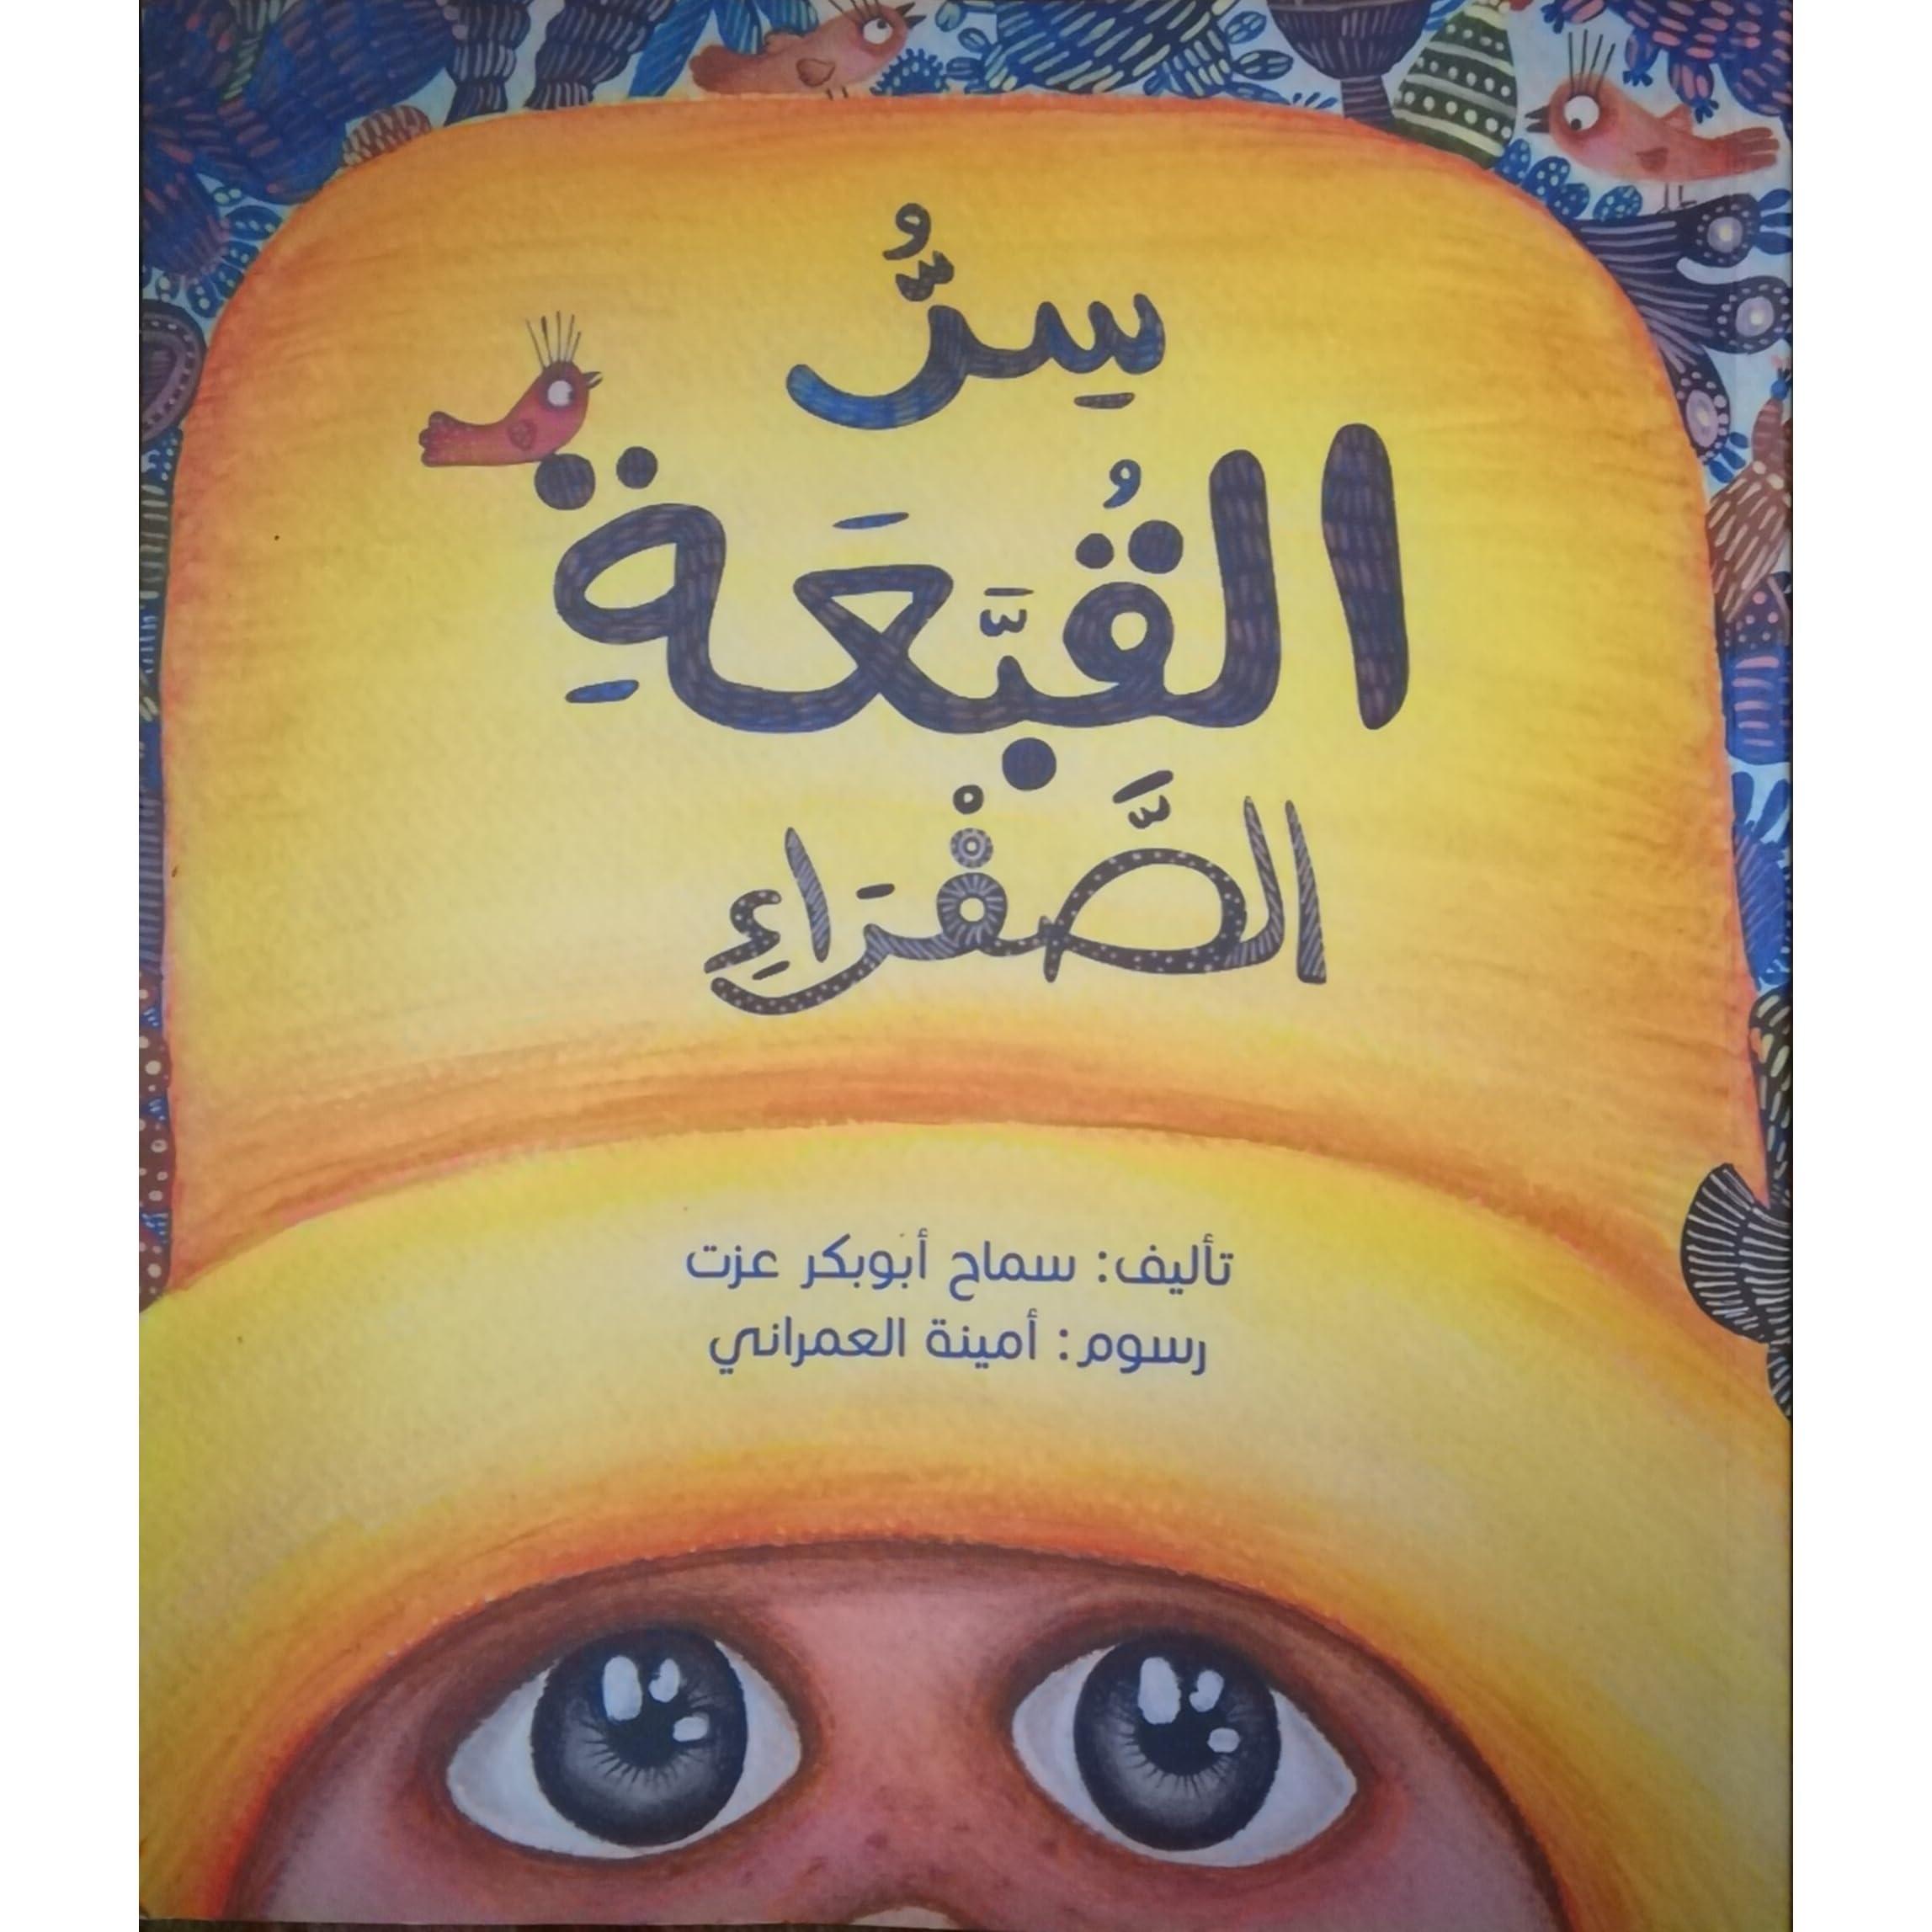 سر القبعة الصفراء By سماح أبو بكر عزت